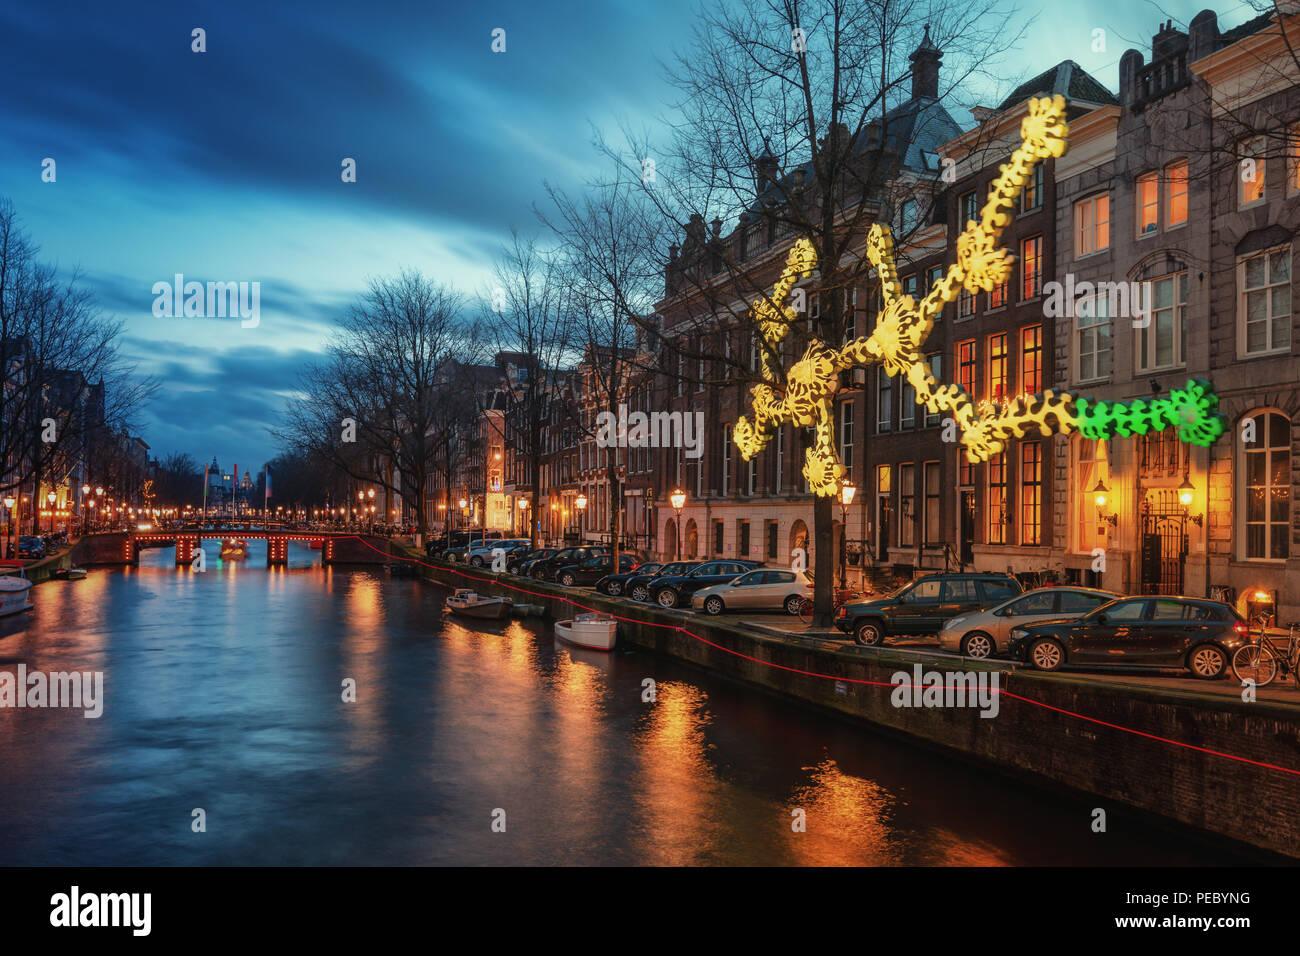 Licht Tour Amsterdam : Amsterdam niederlande dezember licht objekt über die